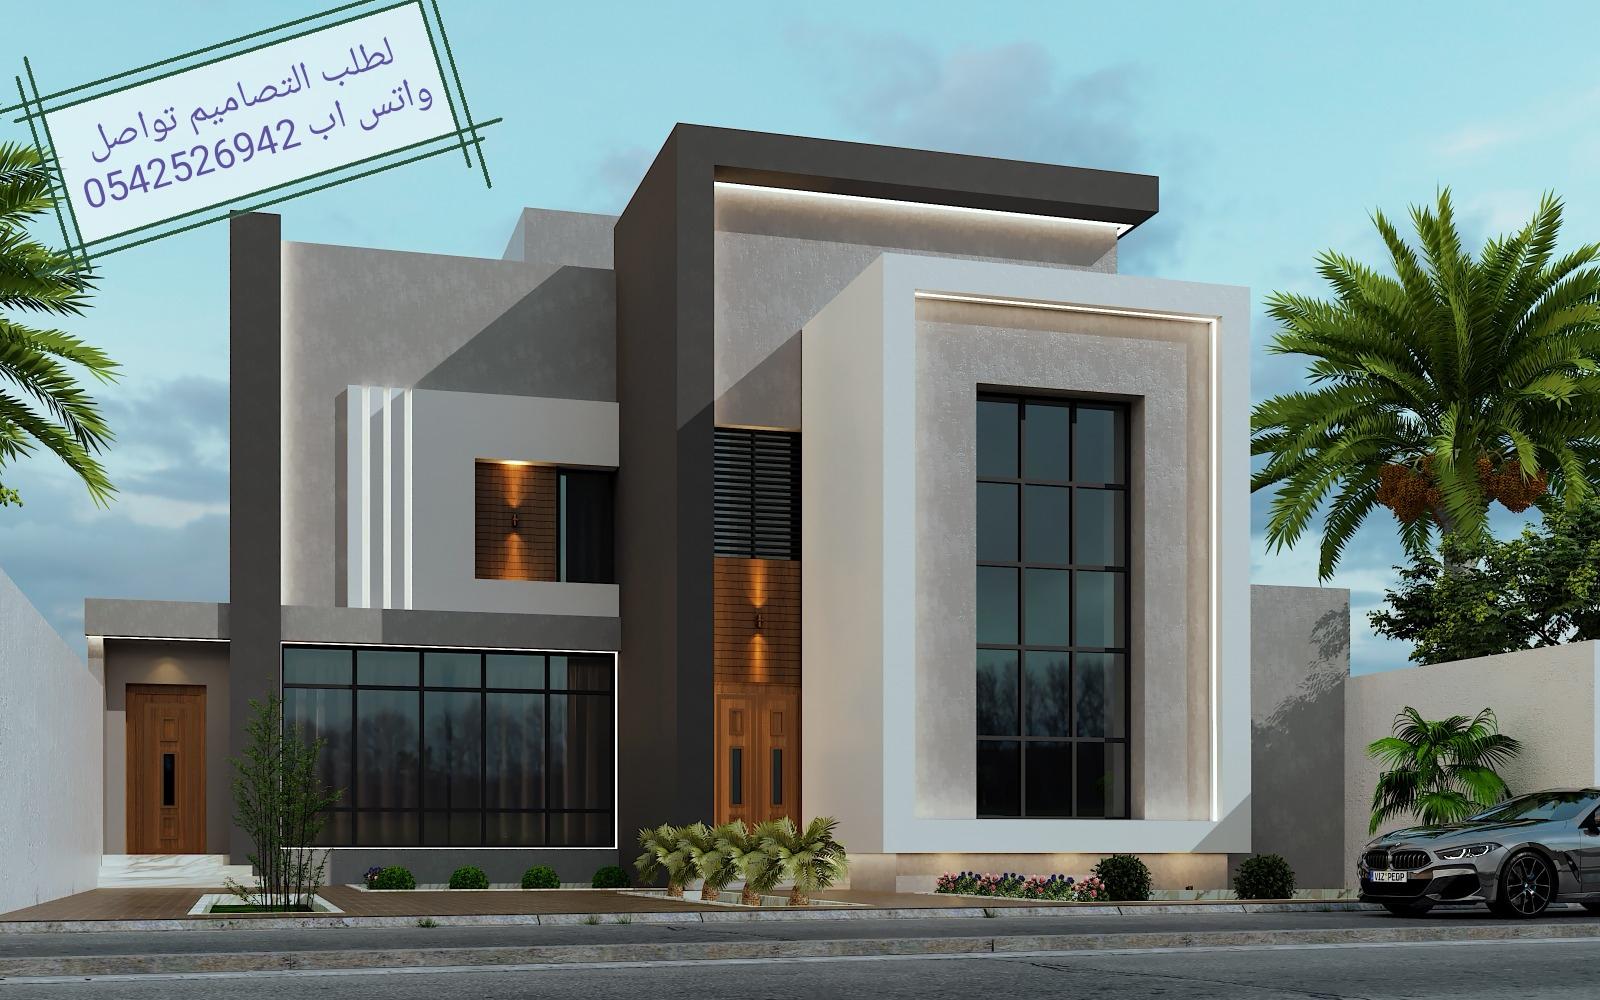 تصميم واجهة منزل مودرن في السعودية القصيم بريدة